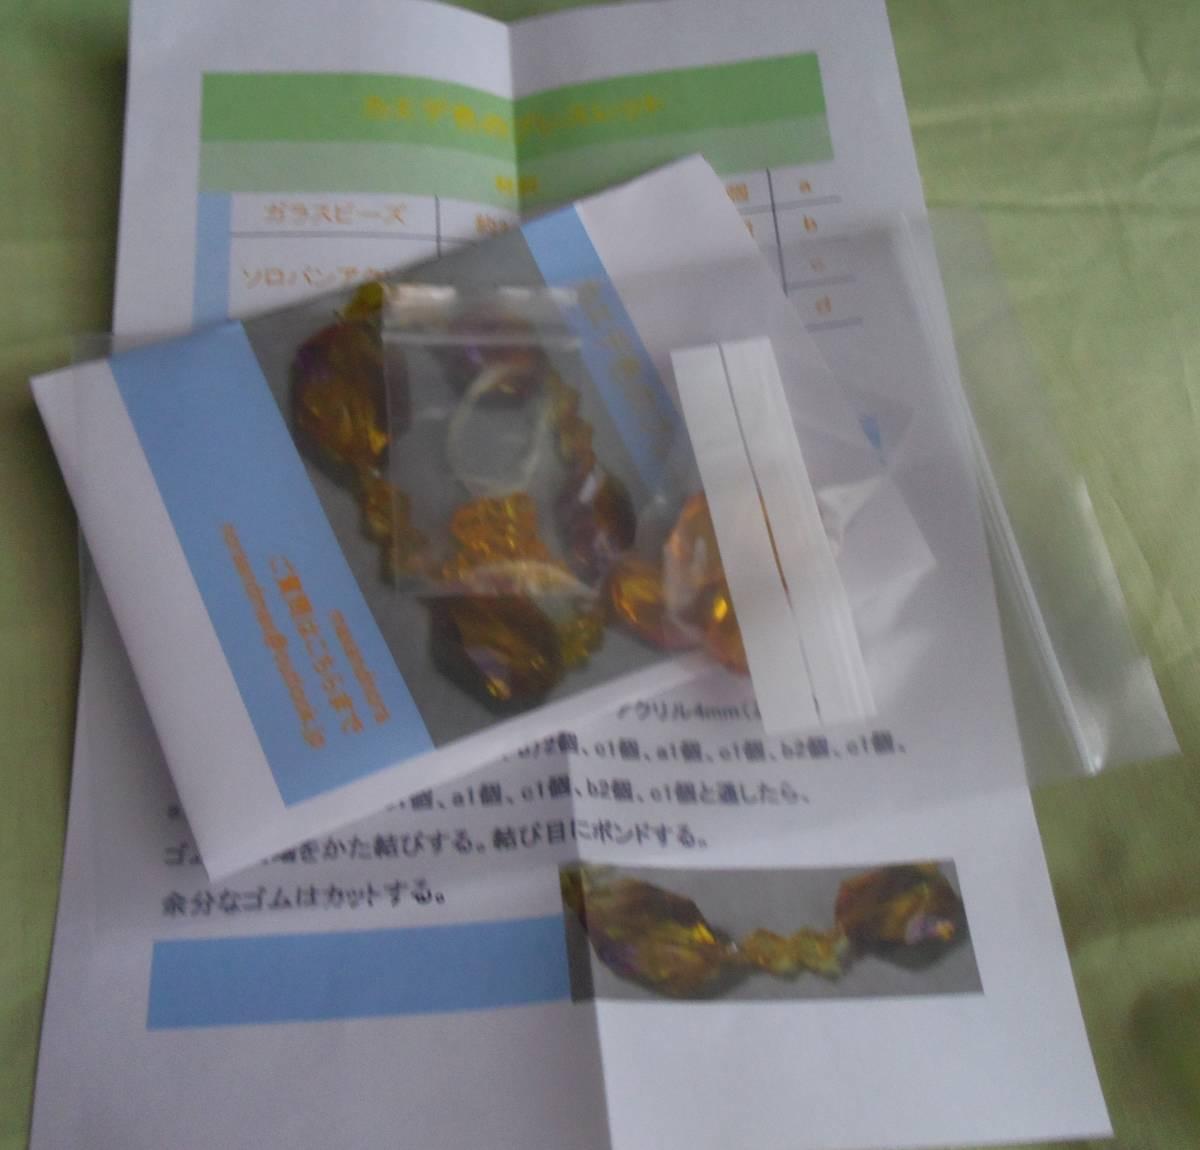 noraandmaxのビーズキット かえで色のブレスレット 画像の転用・転載は禁止です。販売者noraandmaxヤフオク様出品中